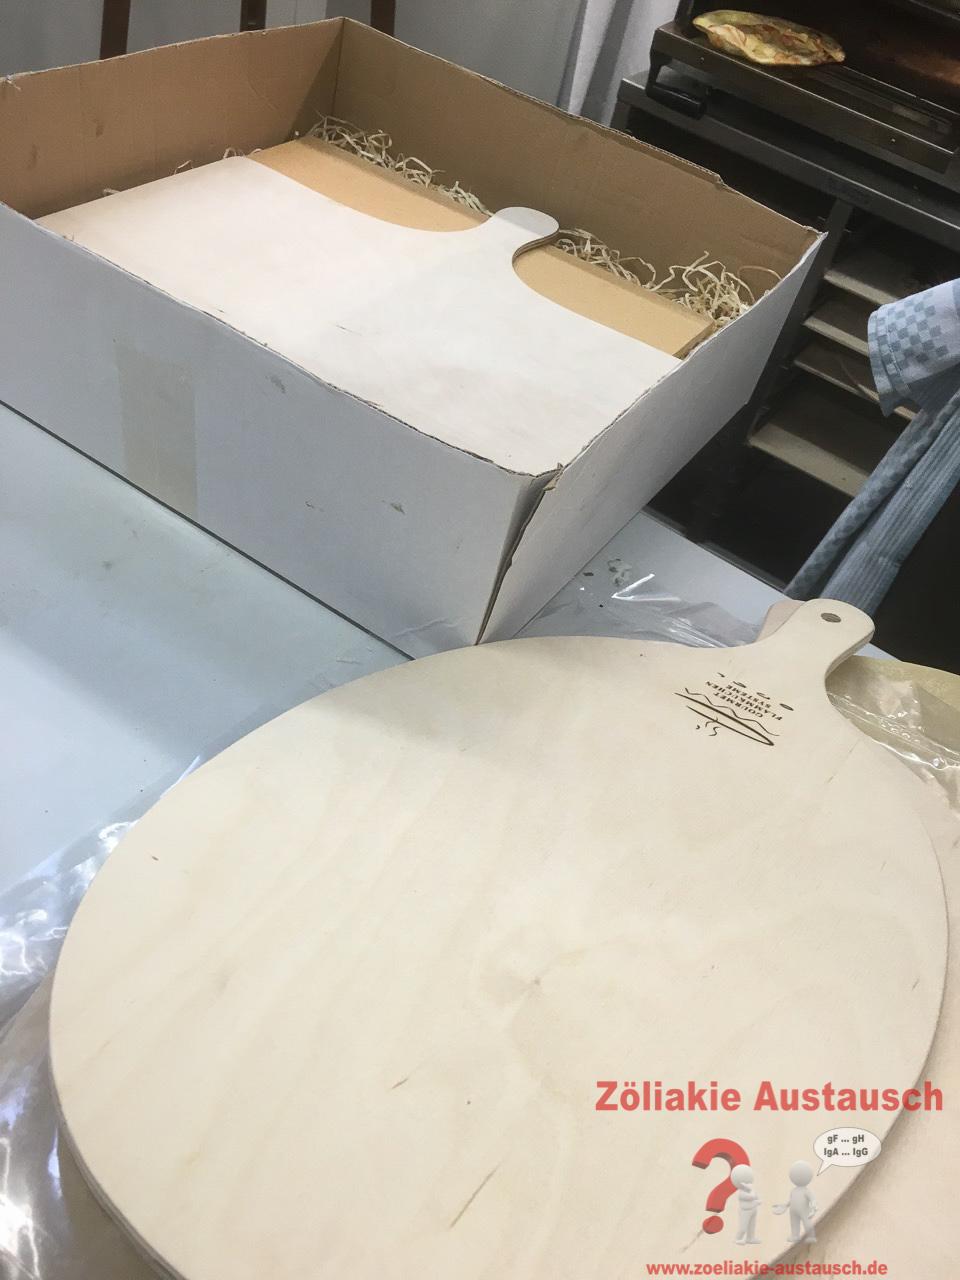 BioFach_2016-Zoeliakie_Austausch_077